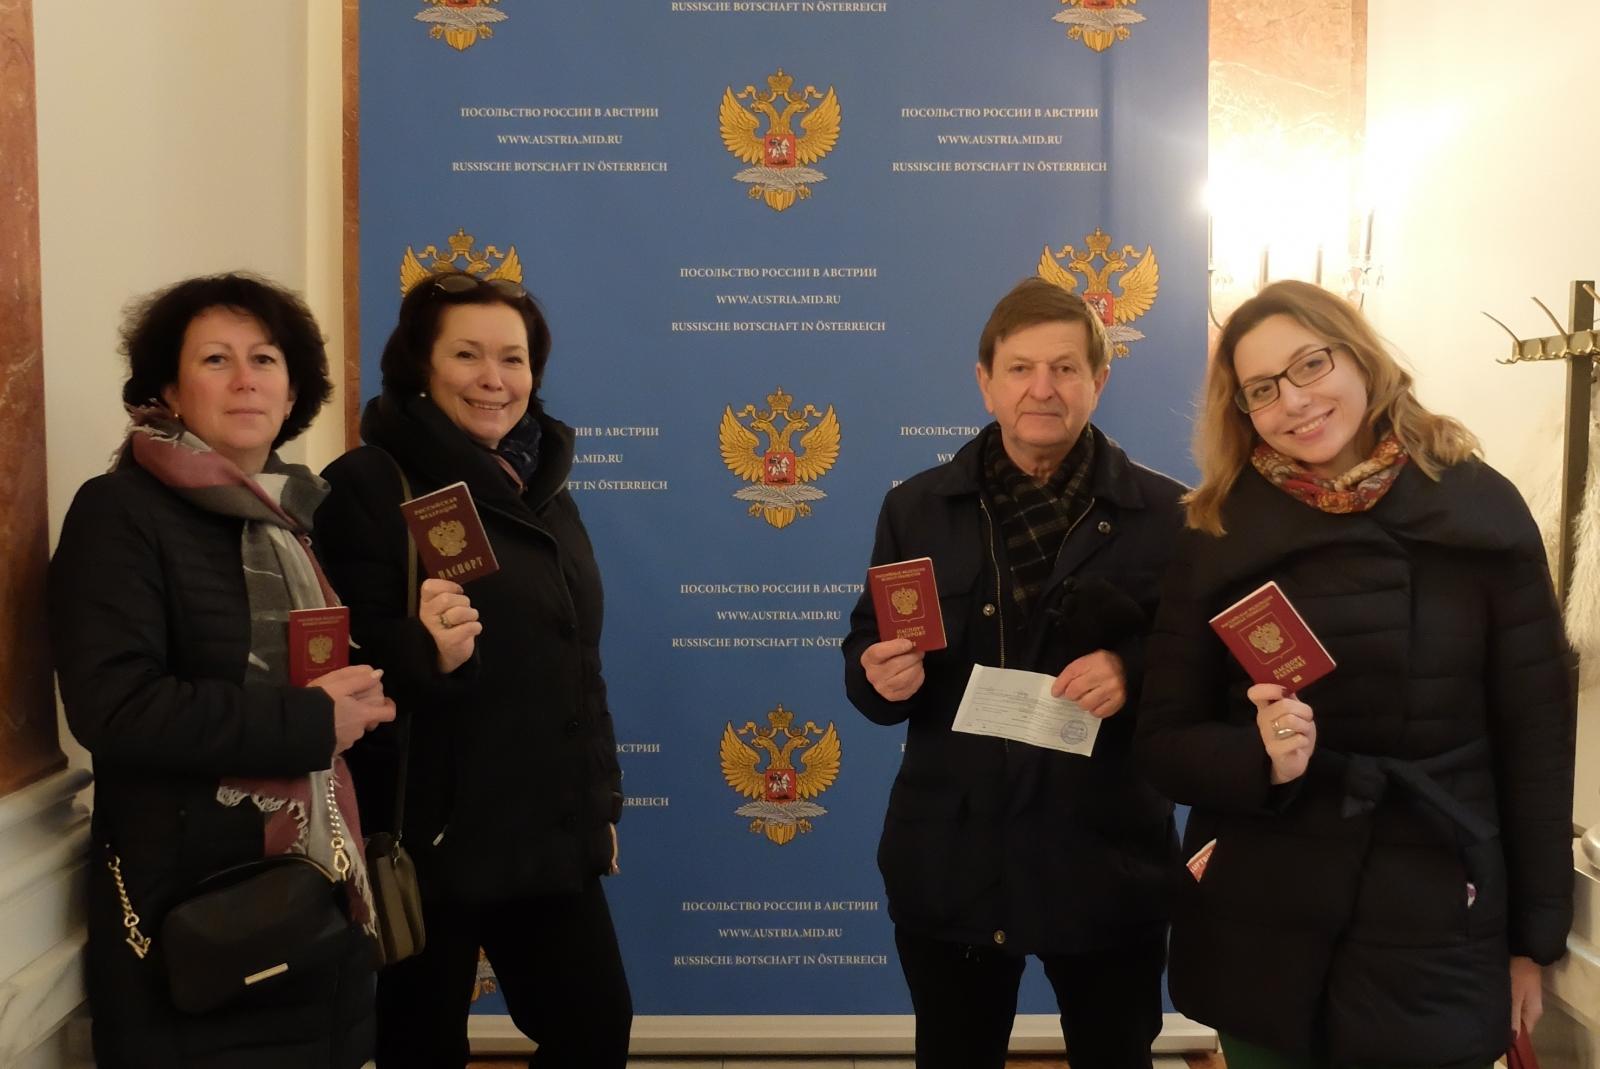 Гуманитарии Политеха на международной конференции в Вене